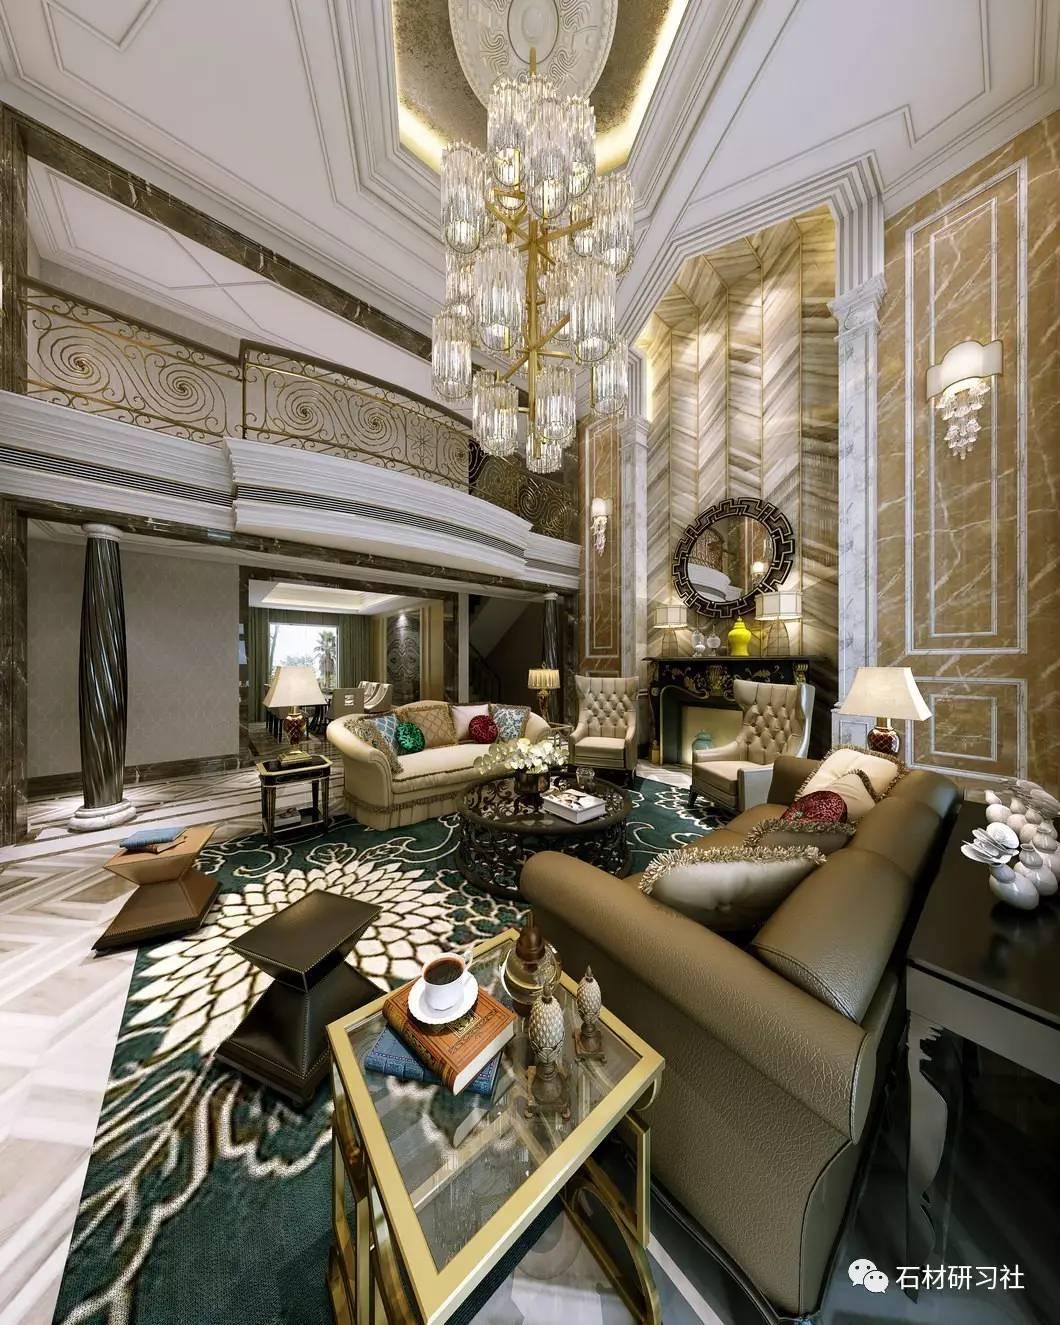 欧式客厅大理石装饰设计效果图